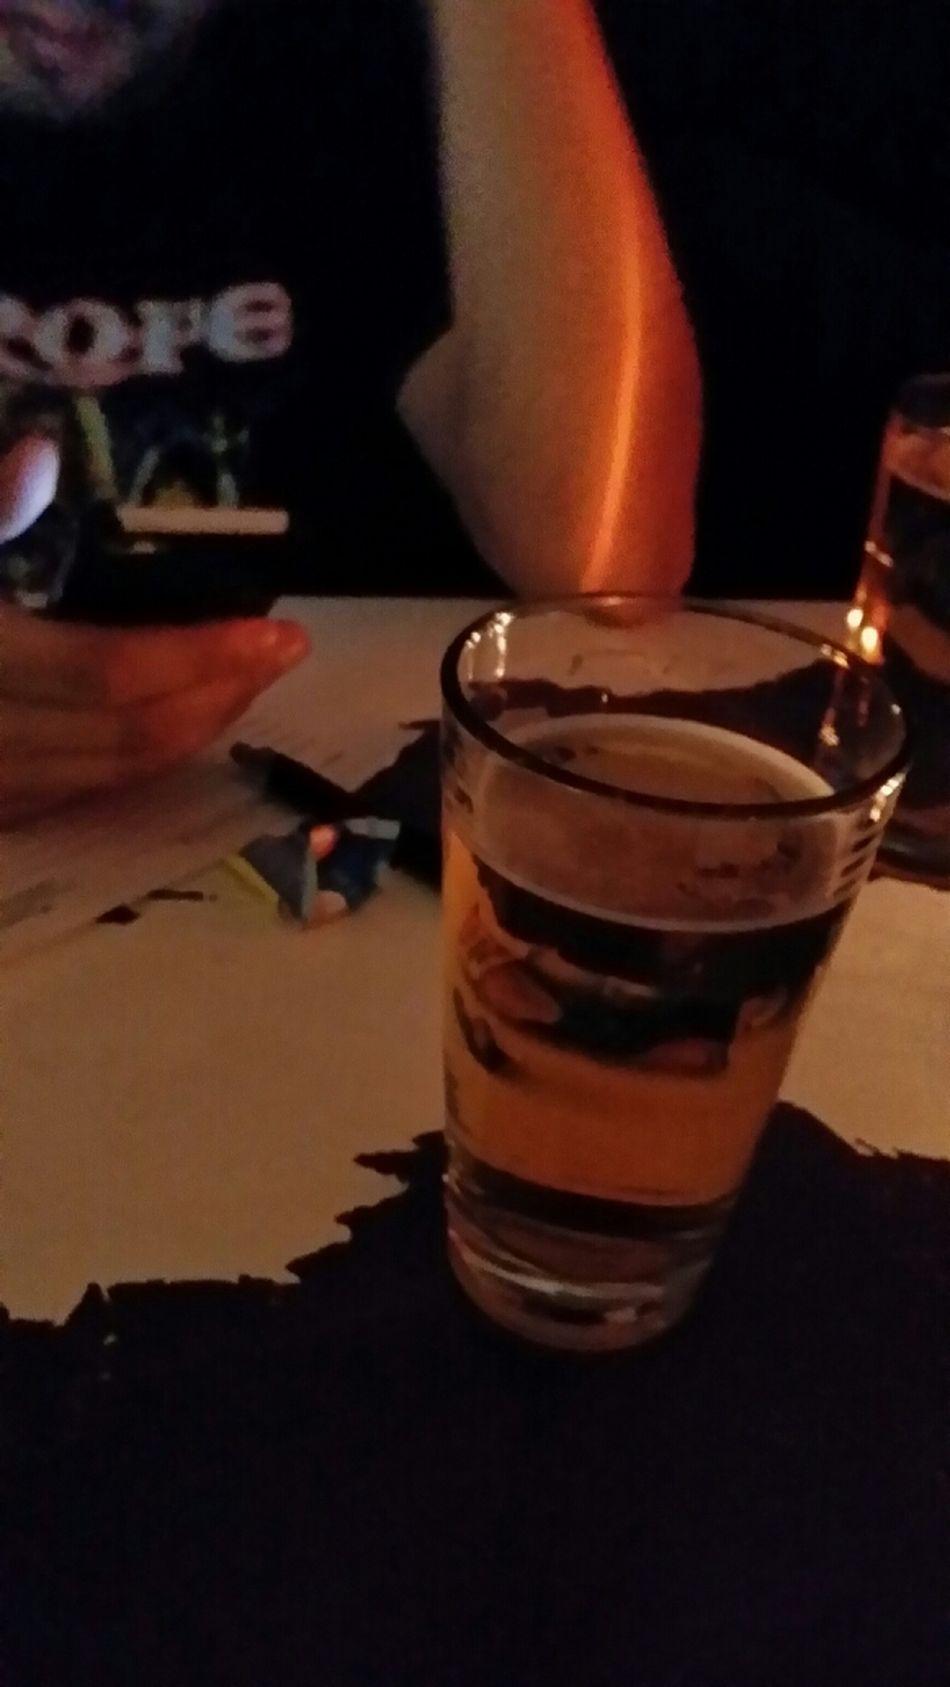 Pub Quiz Drinking Beer I ❤ Beer Relaxing